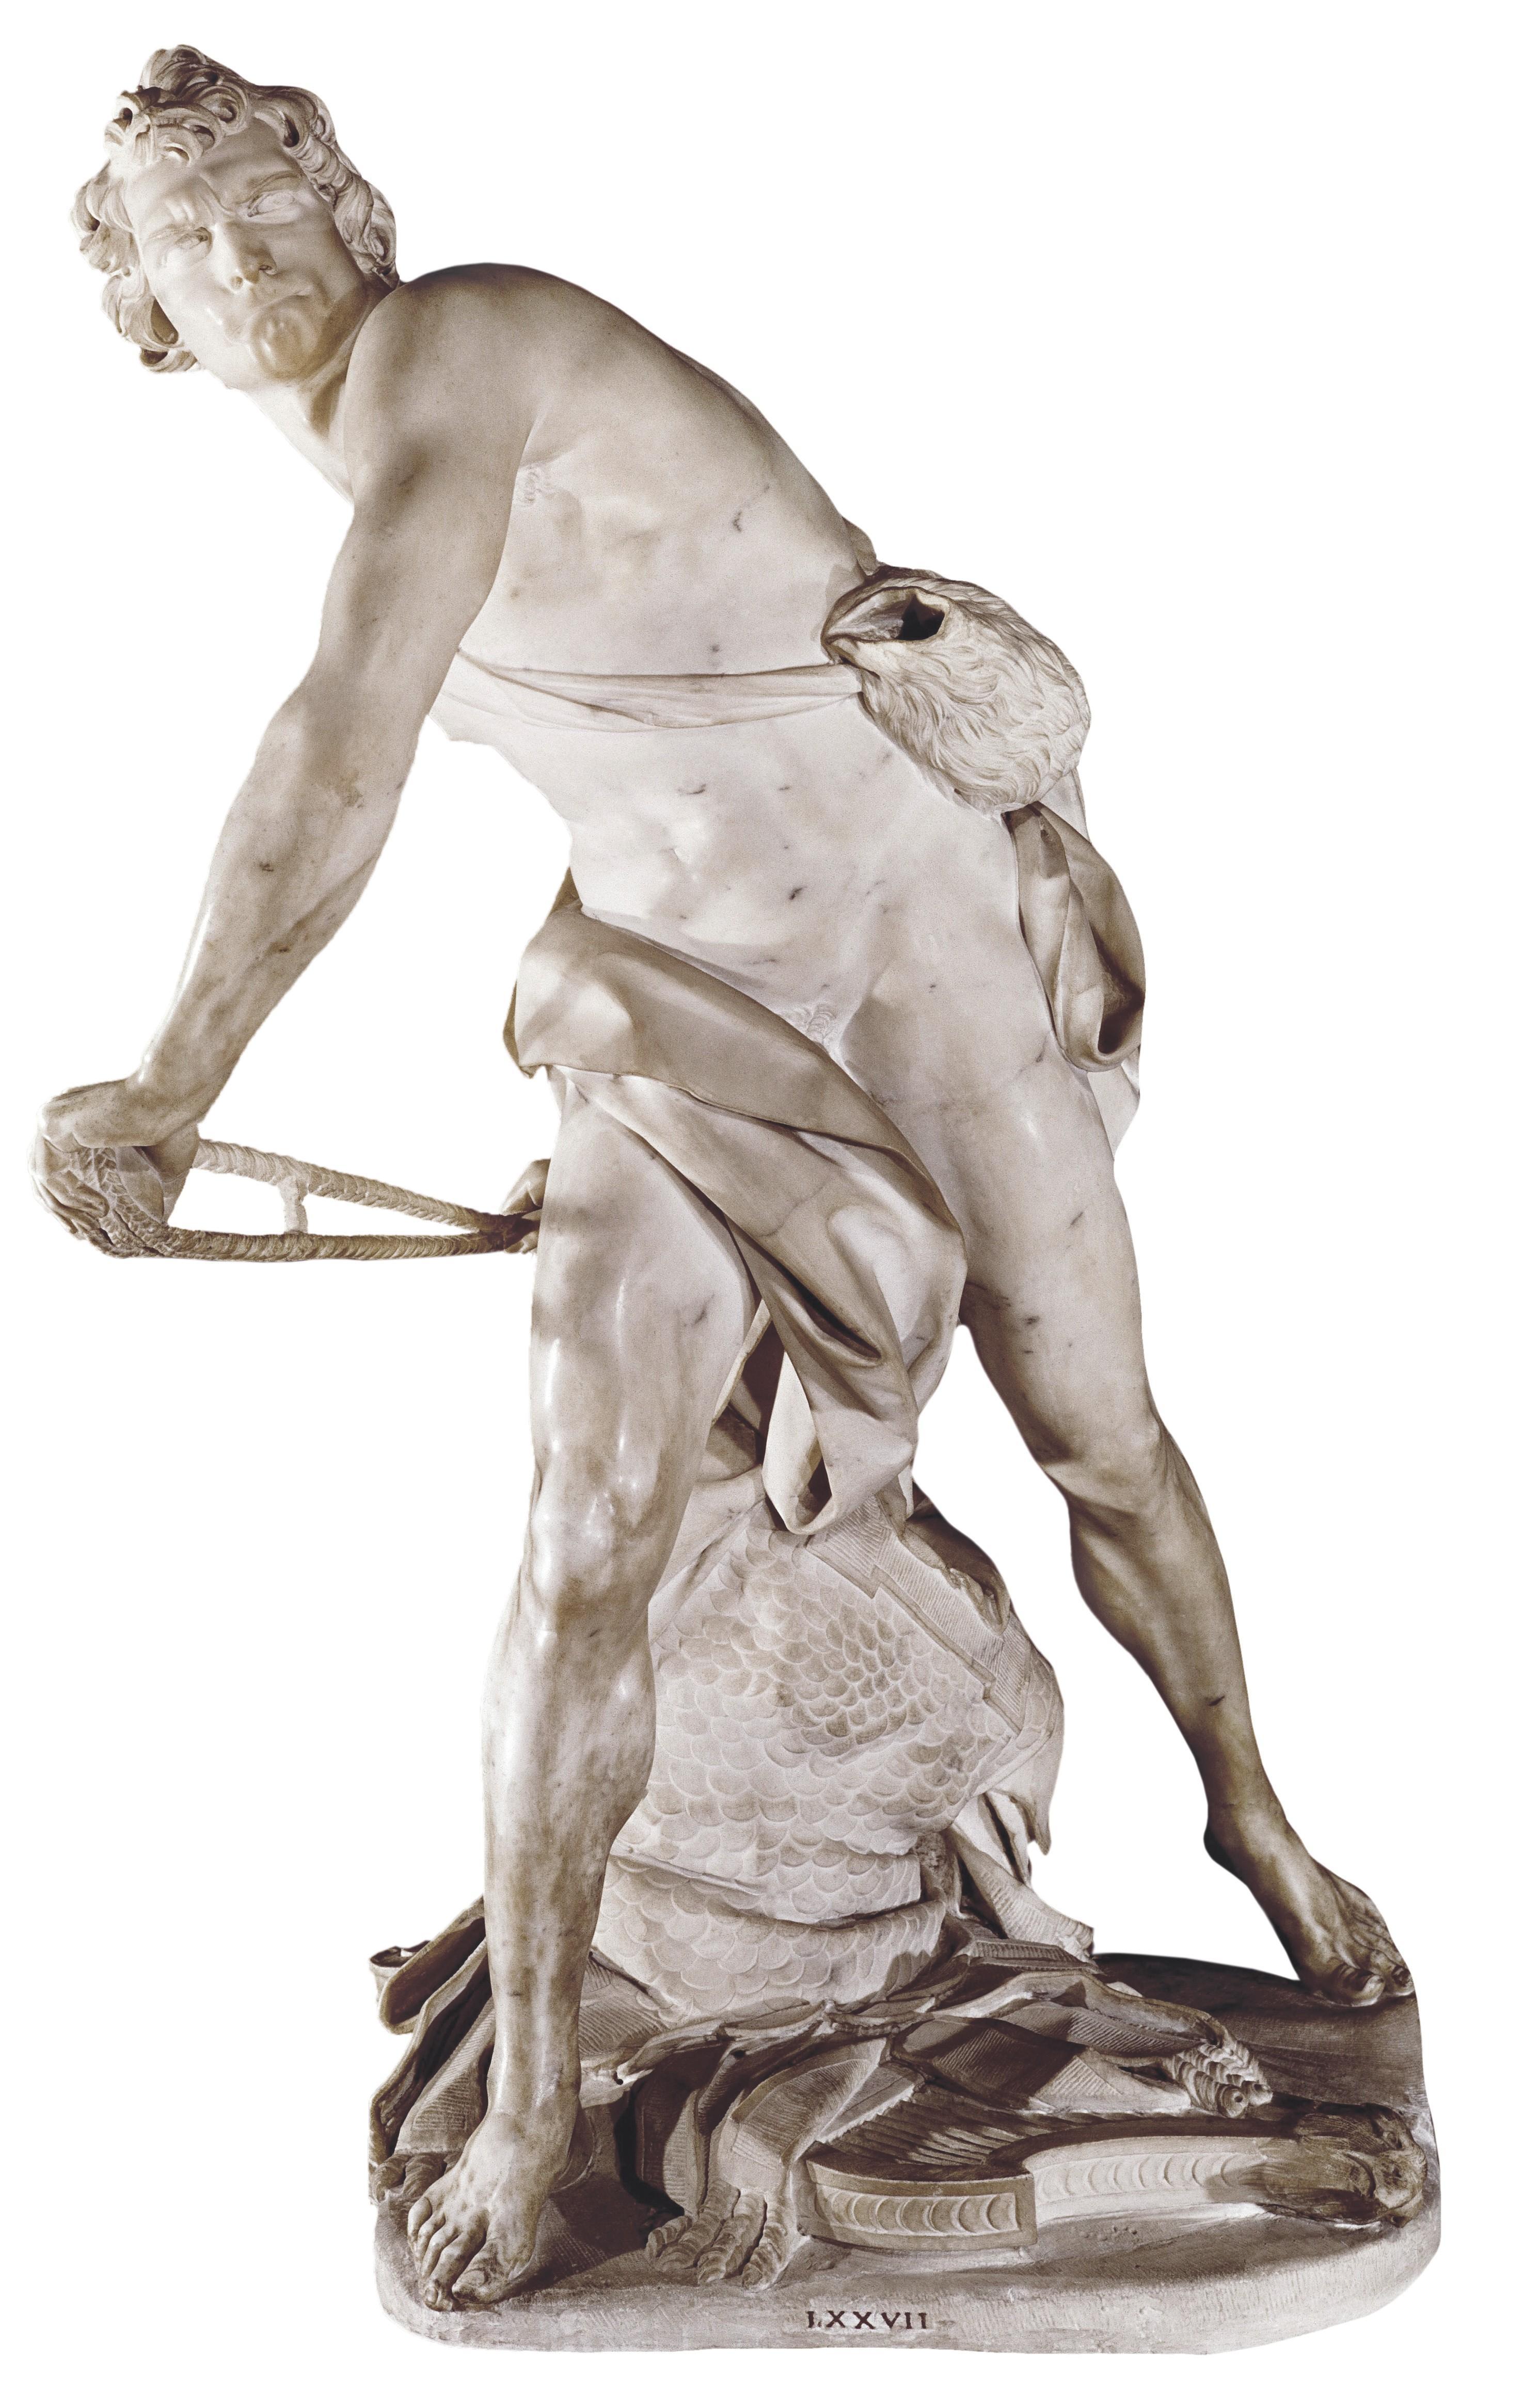 Le Bernin, David